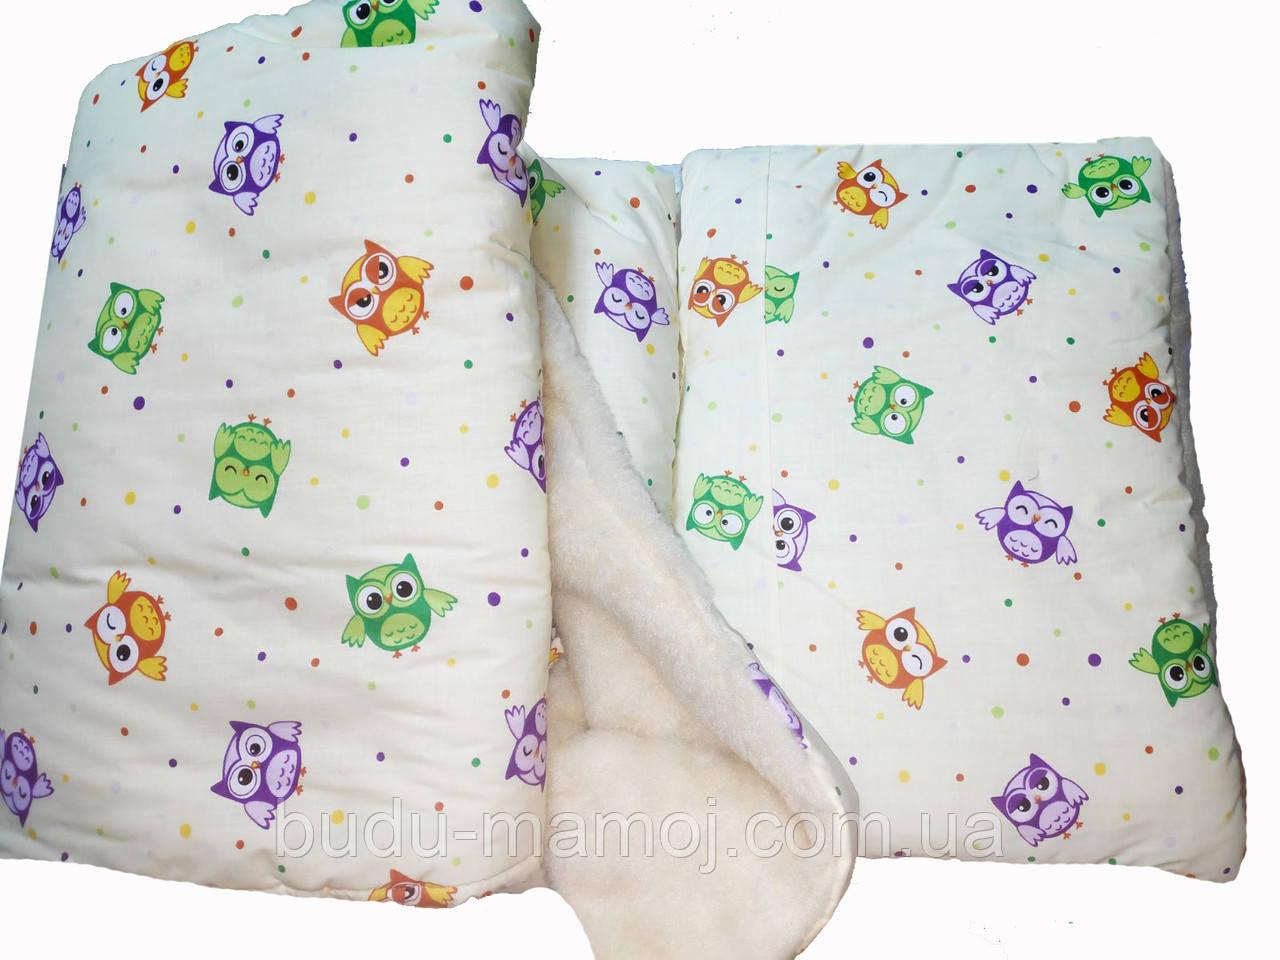 Набор Теплое одеяло в детскую кроватку + подушка